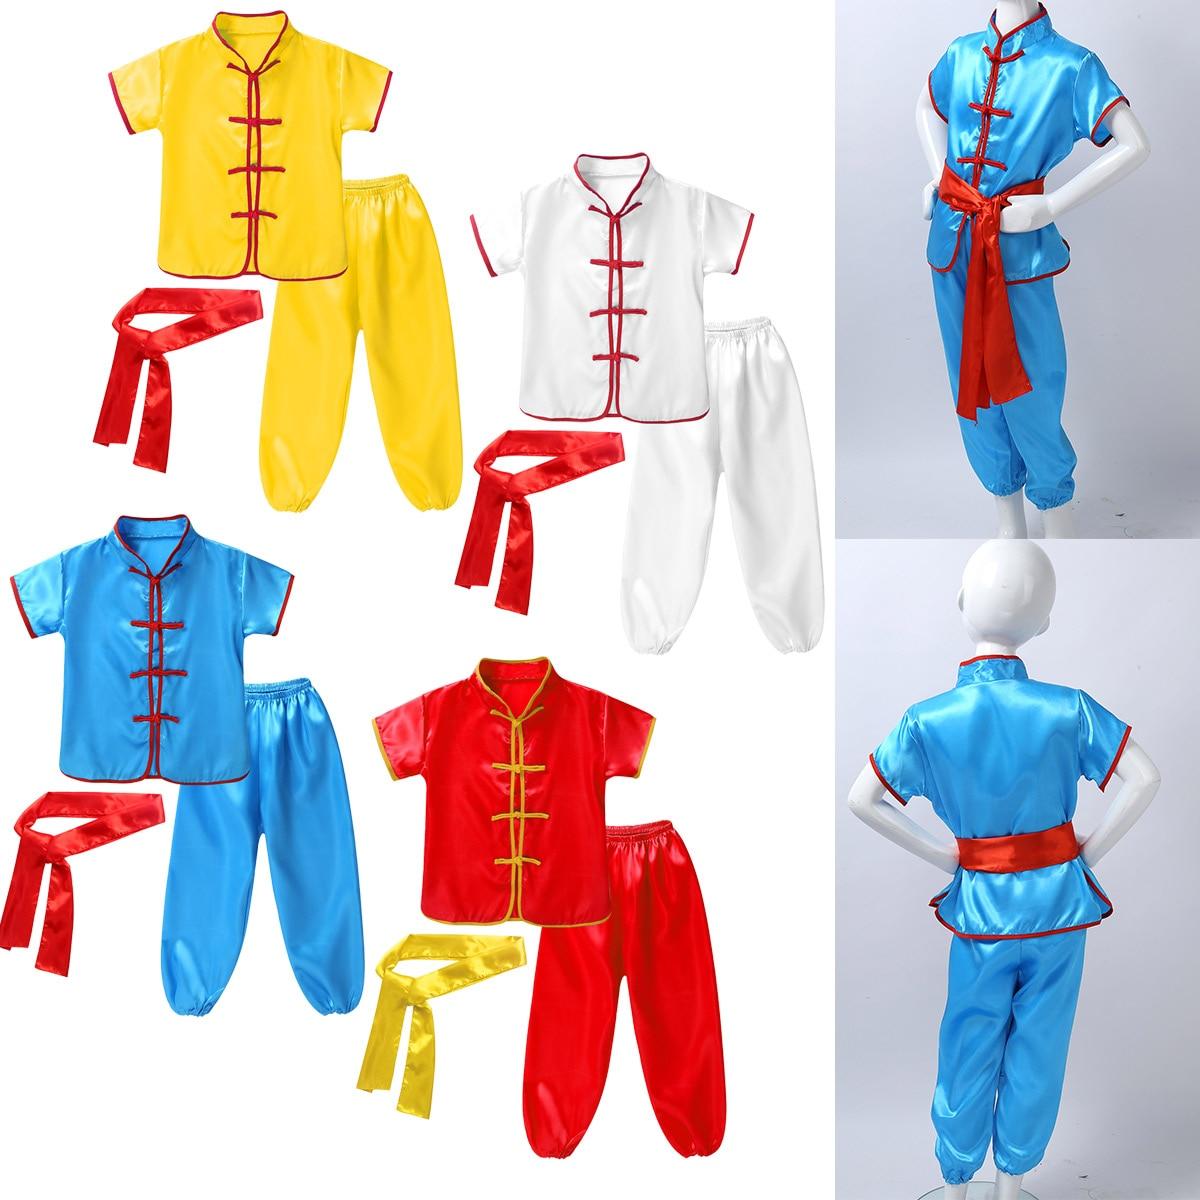 Новинка; Костюм Ушу; Детская традиционная одежда в китайском стиле; Детская униформа для боевых искусств; Костюм кунг фу; Комплект для сцены для мальчиков и девочек|Комплекты одежды| | АлиЭкспресс